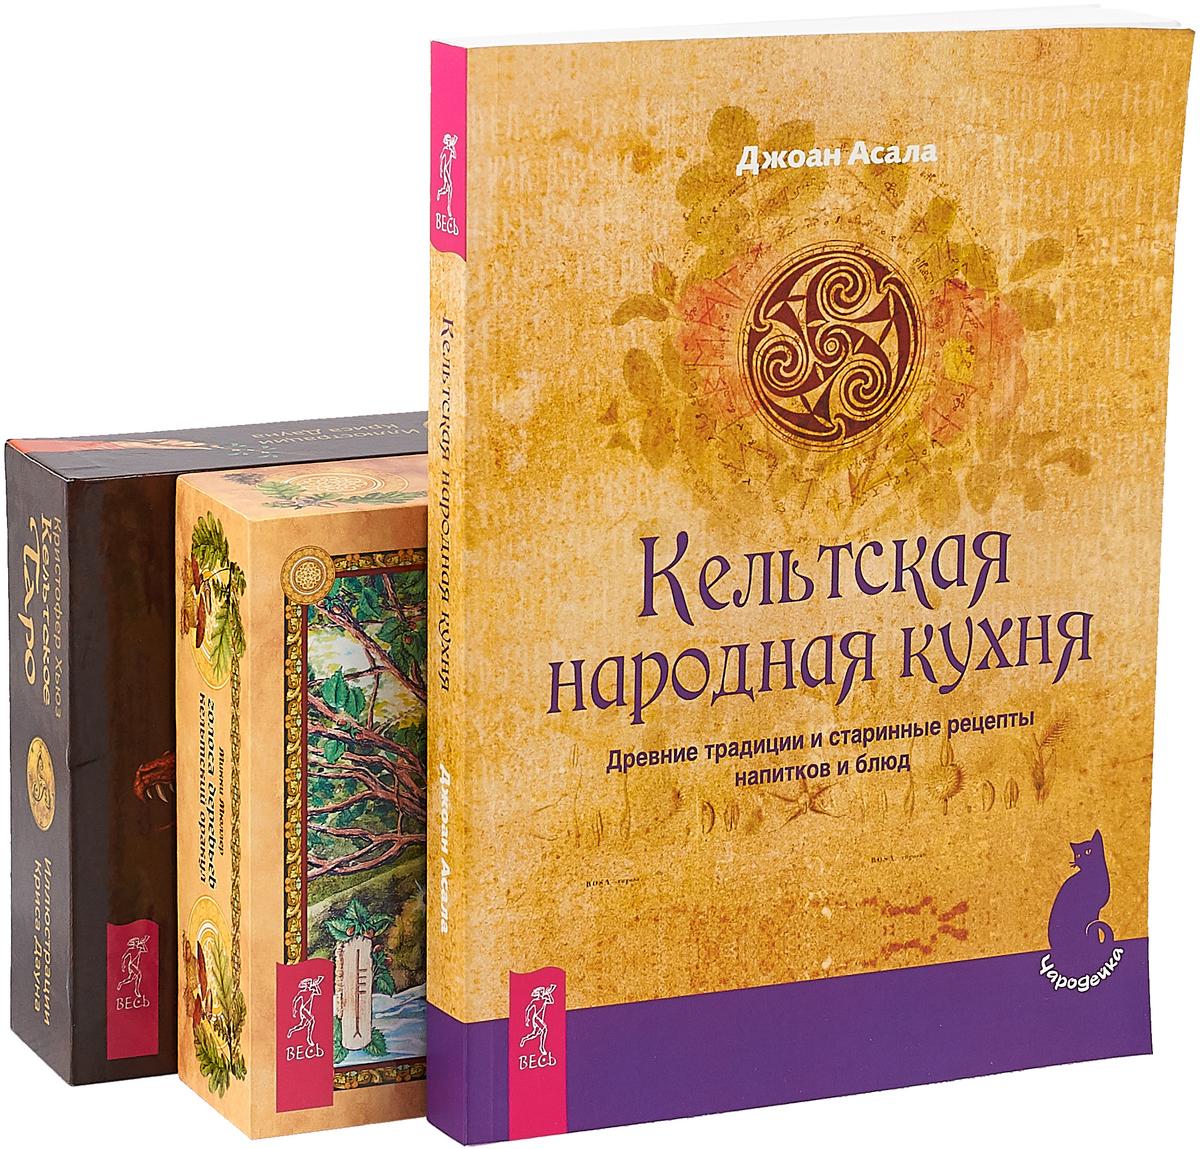 Кельтское Таро. Кельтская народная кухня. Голоса деревьев (комплект из 3 книг + 2 колоды карт)